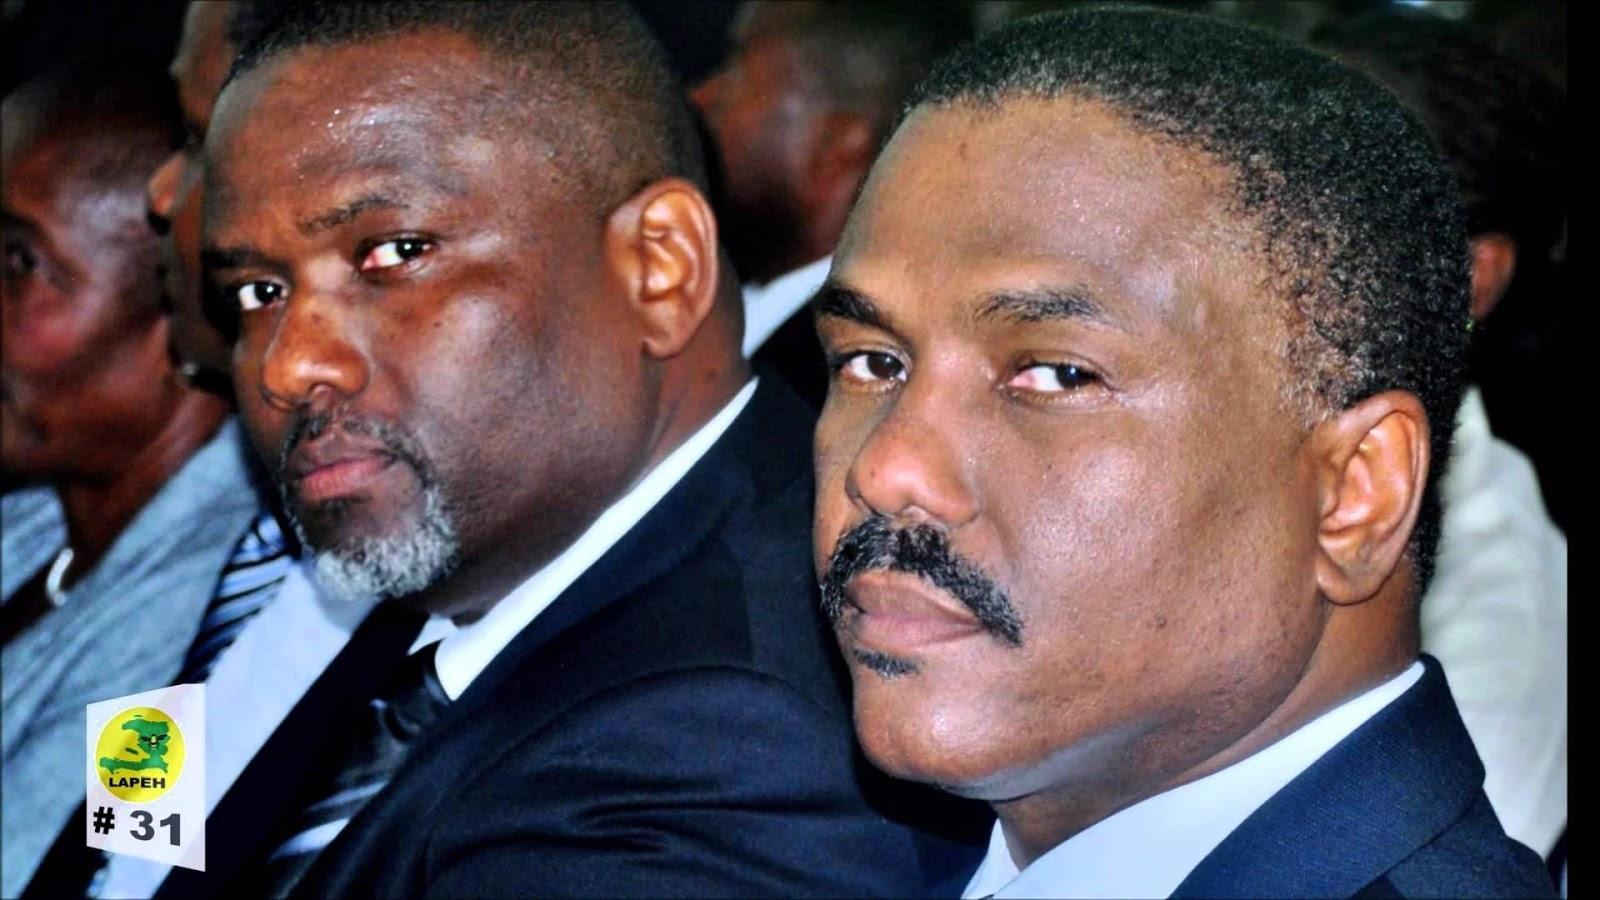 Protocole d'Accord portant Création d'une Coalition des Forces Vives de la Nation Haïtienne